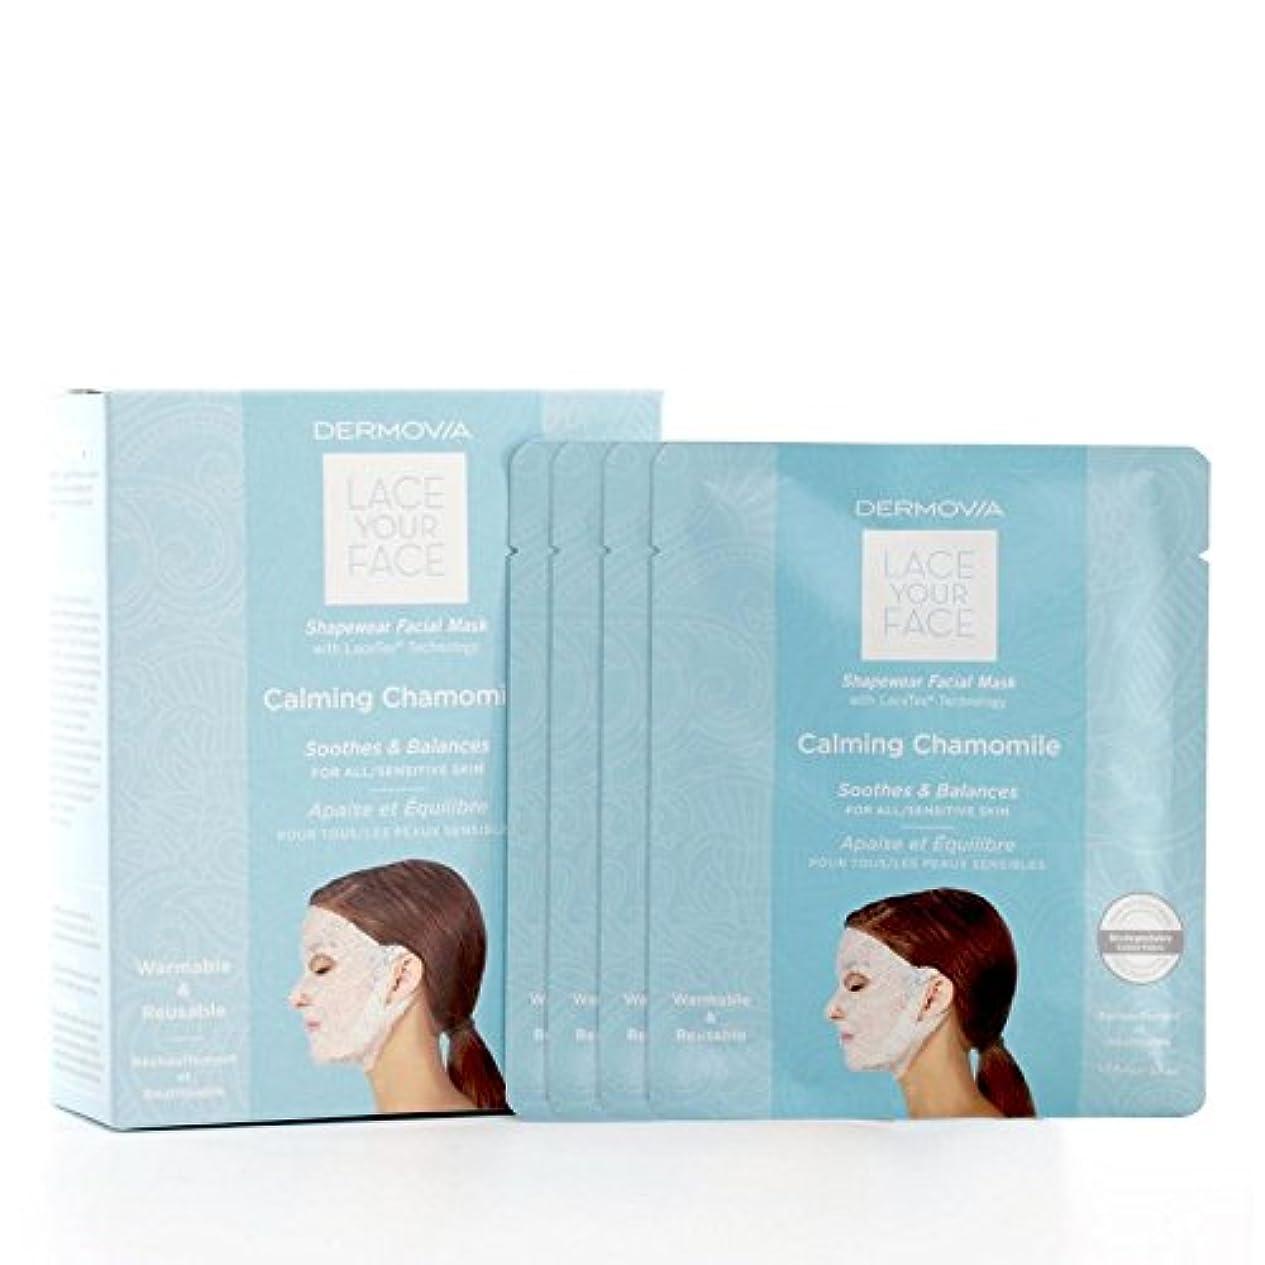 リラックスしたくま拮抗Dermovia Lace Your Face Compression Facial Mask Calming Chamomile - は、あなたの顔の圧縮フェイシャルマスク心を落ち着かせるカモミールをひもで締めます [...